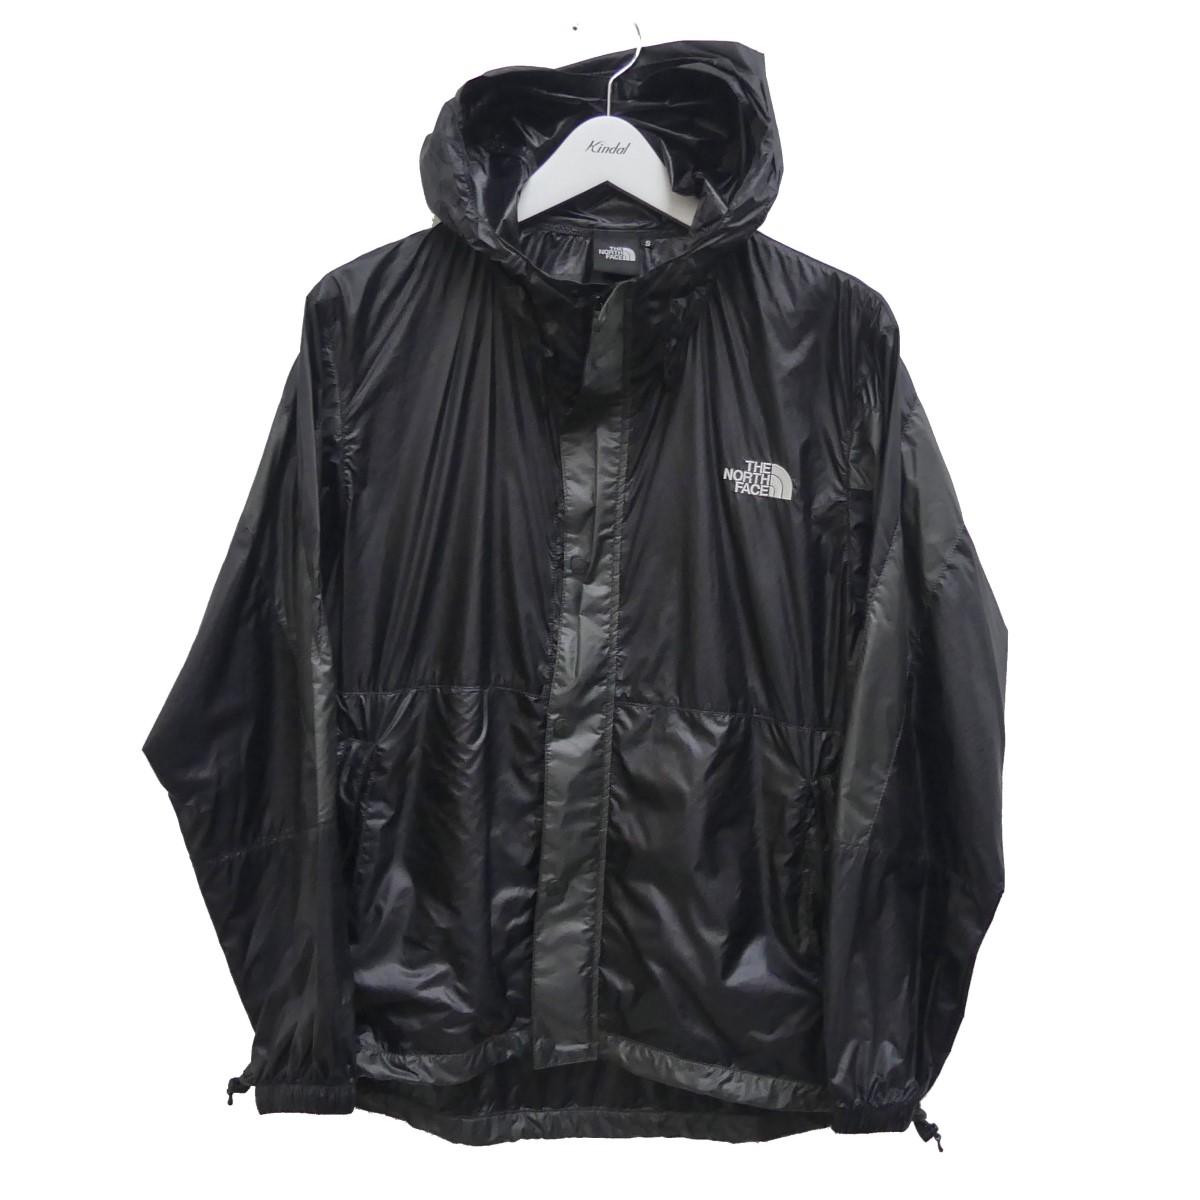 【中古】THE NORTH FACE Bright Side Jacket ブライトサイドジャケット ブラック サイズ:S 【270820】(ザノースフェイス)